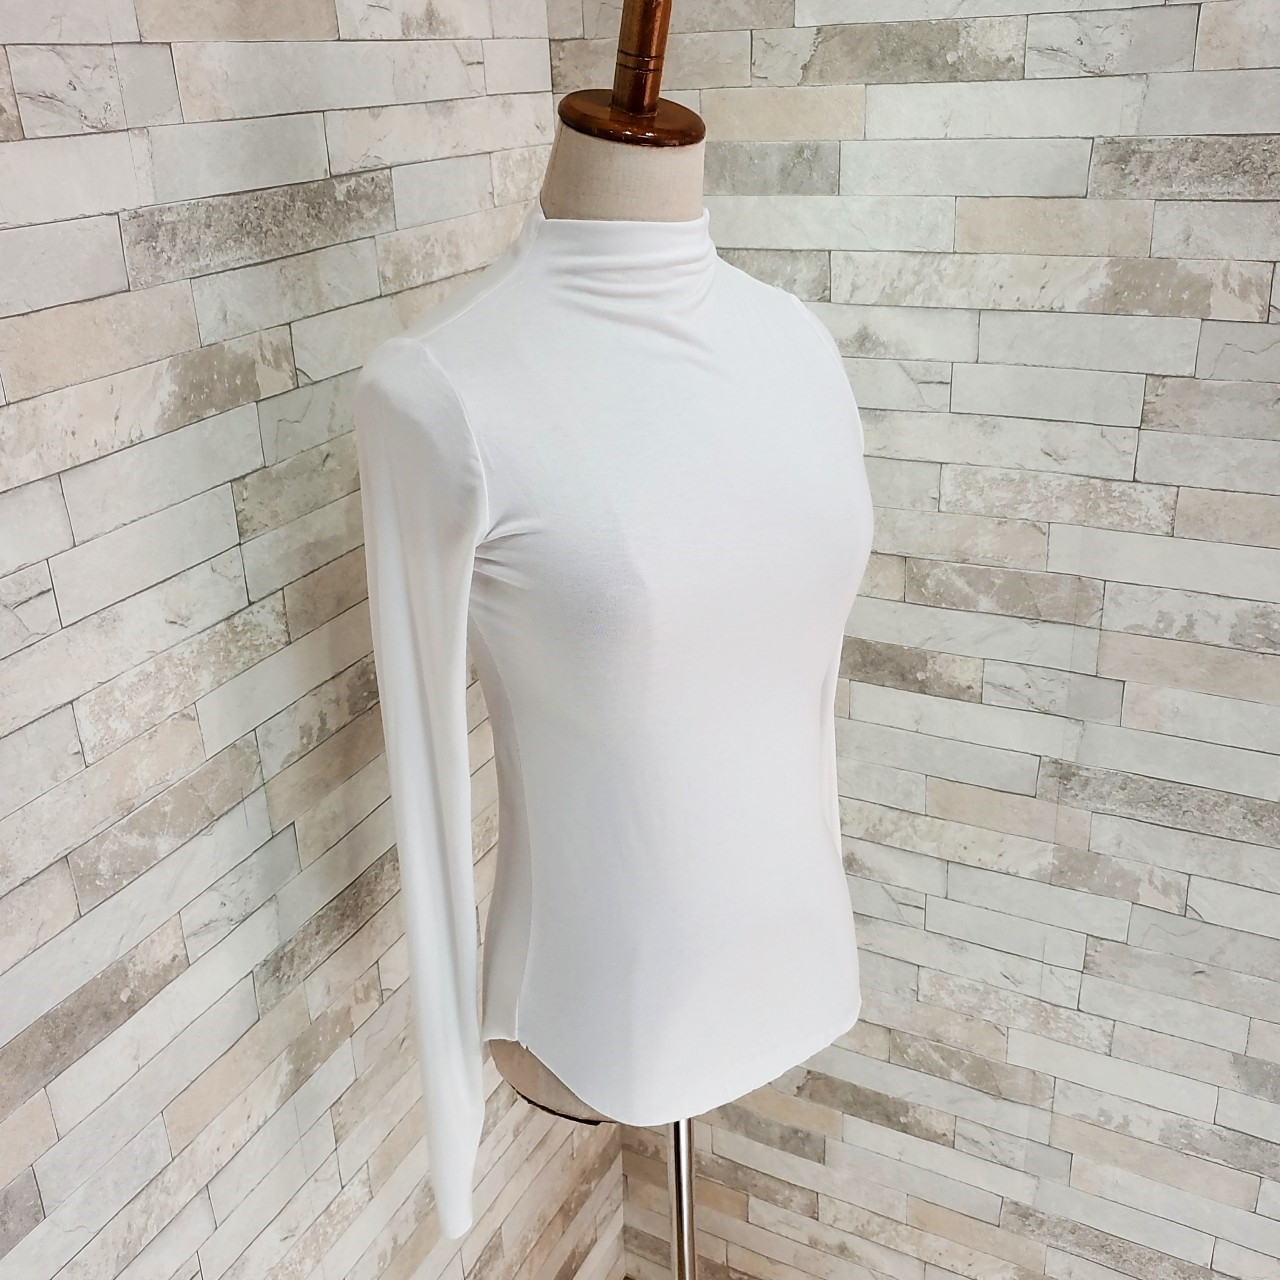 【即納】韓国 ファッション トップス Tシャツ カットソー 秋 冬 カジュアル SPTXD048  ボトルネック ハイネック ロンT ベーシック タイト ジャケッ オルチャン シンプル 定番 セレカジの写真4枚目